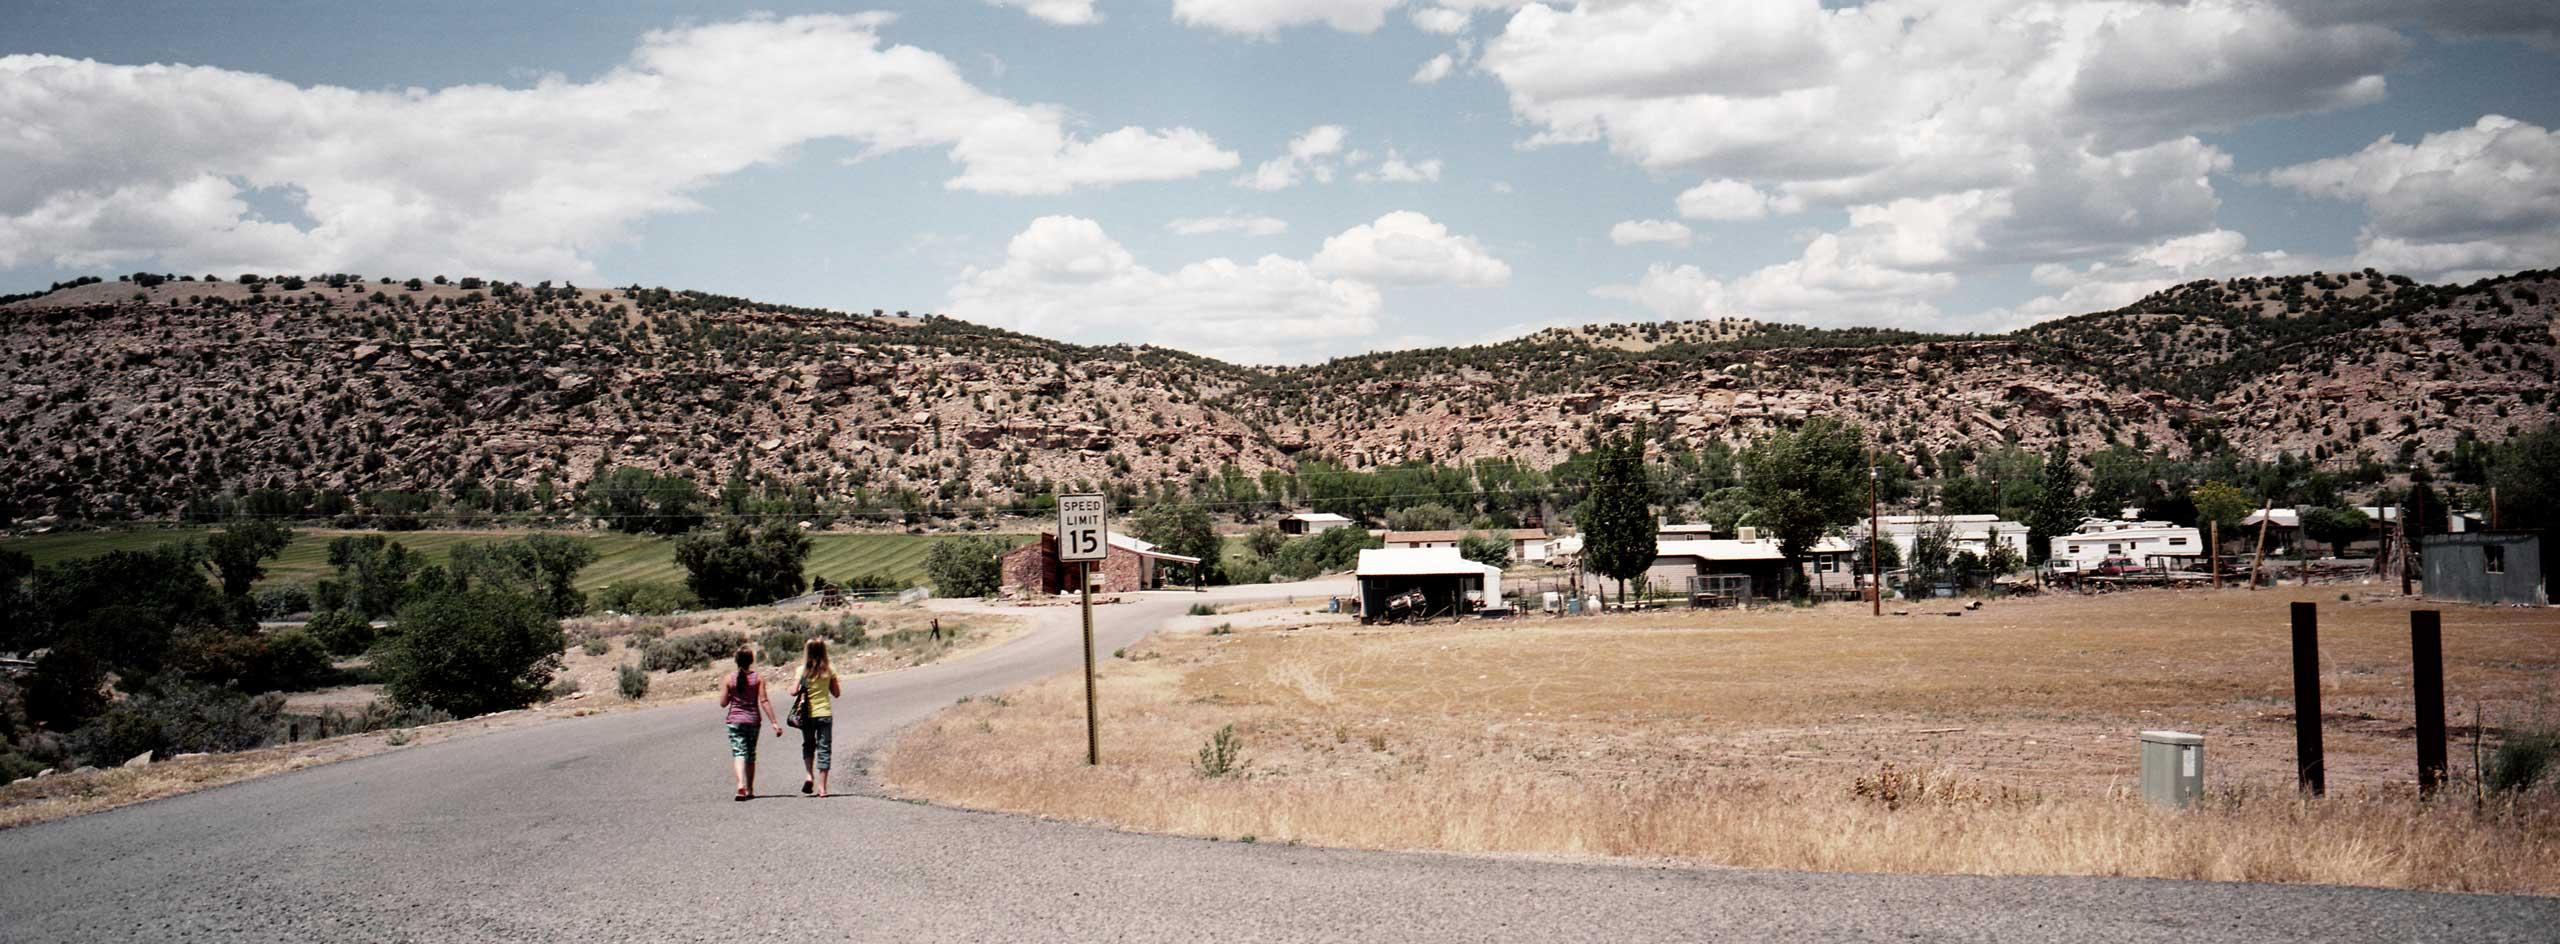 Gateway, Colorado. June 2012